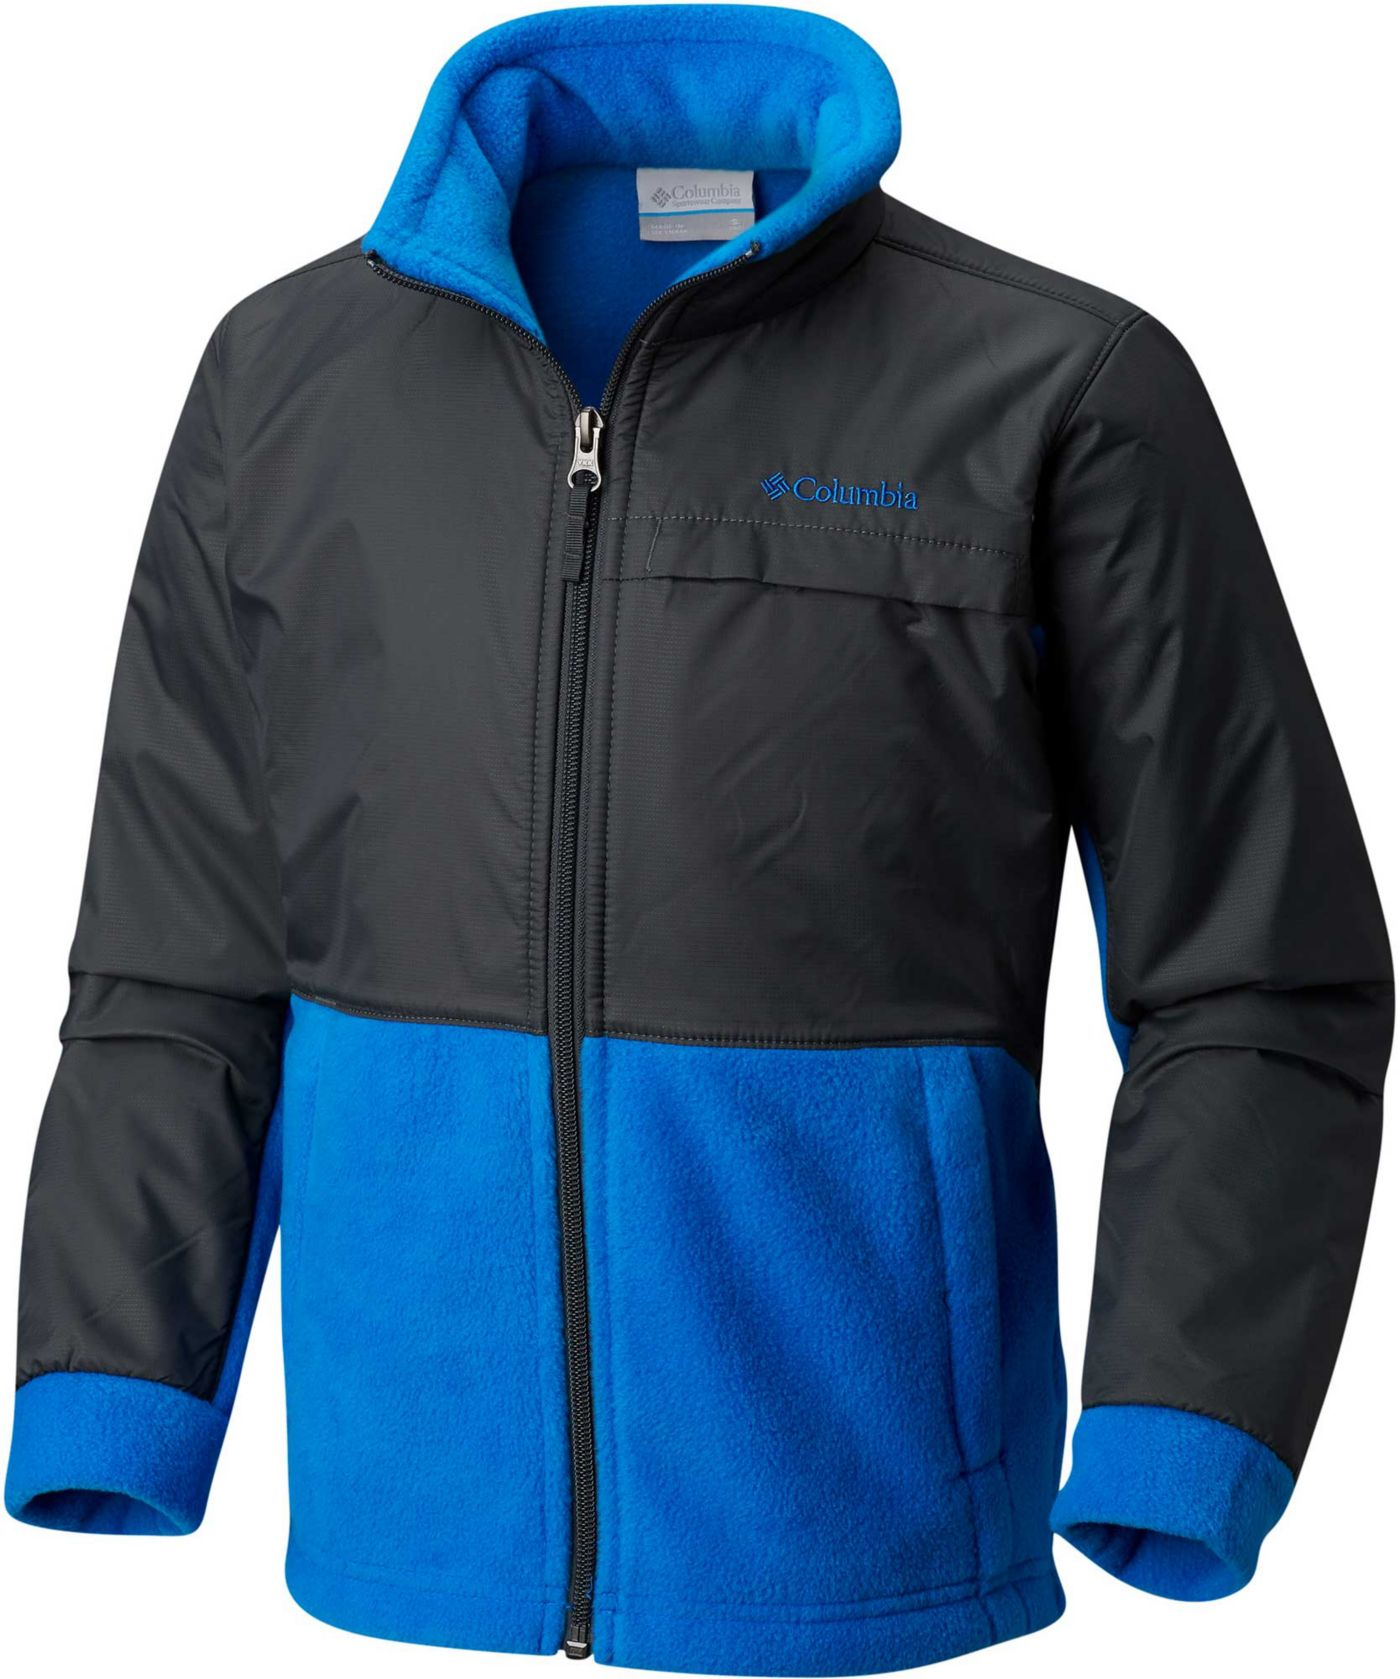 Columbia Boys' Steens Mountain Overlay Fleece Jacket